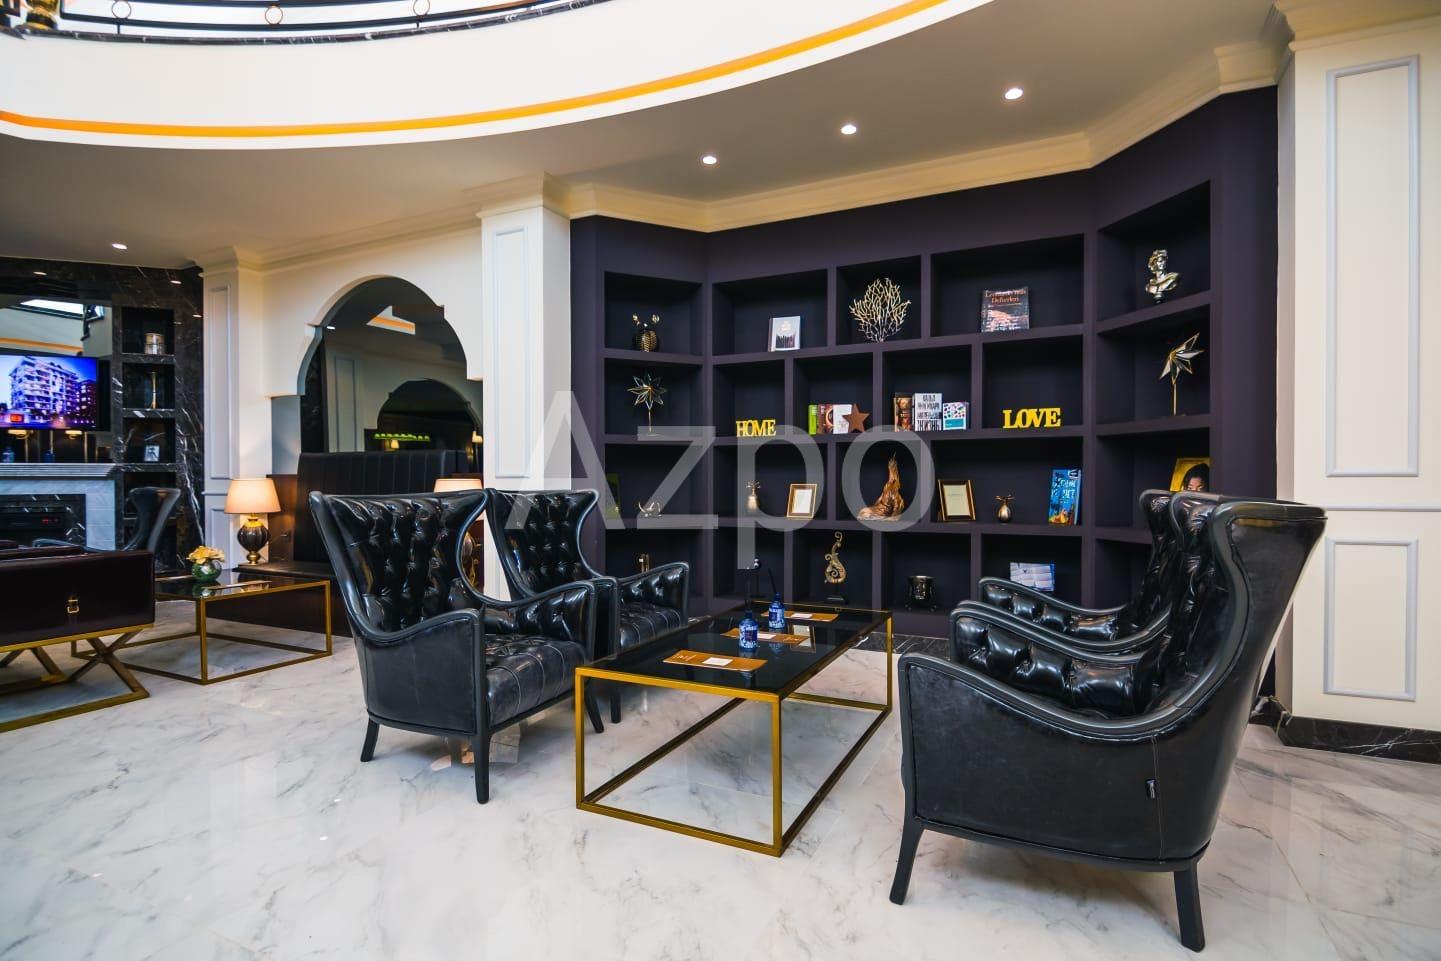 Квартира 2+1 с изысканным интерьером - Фото 5